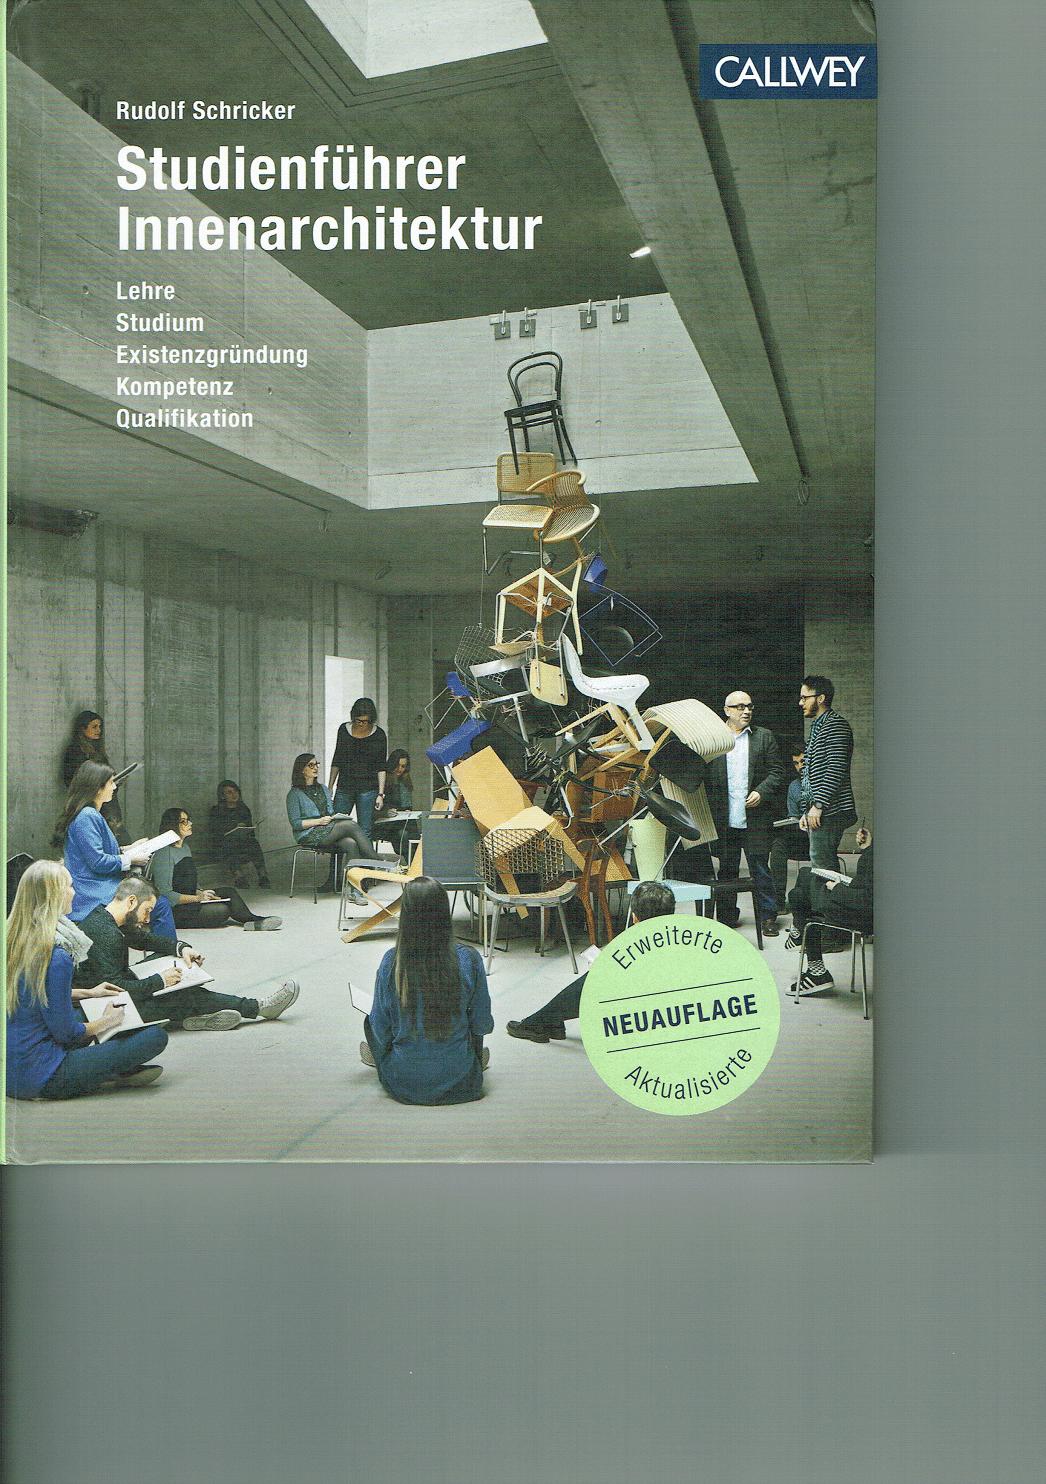 Innenarchitektur Literatur studienführer innenarchitektur designbote